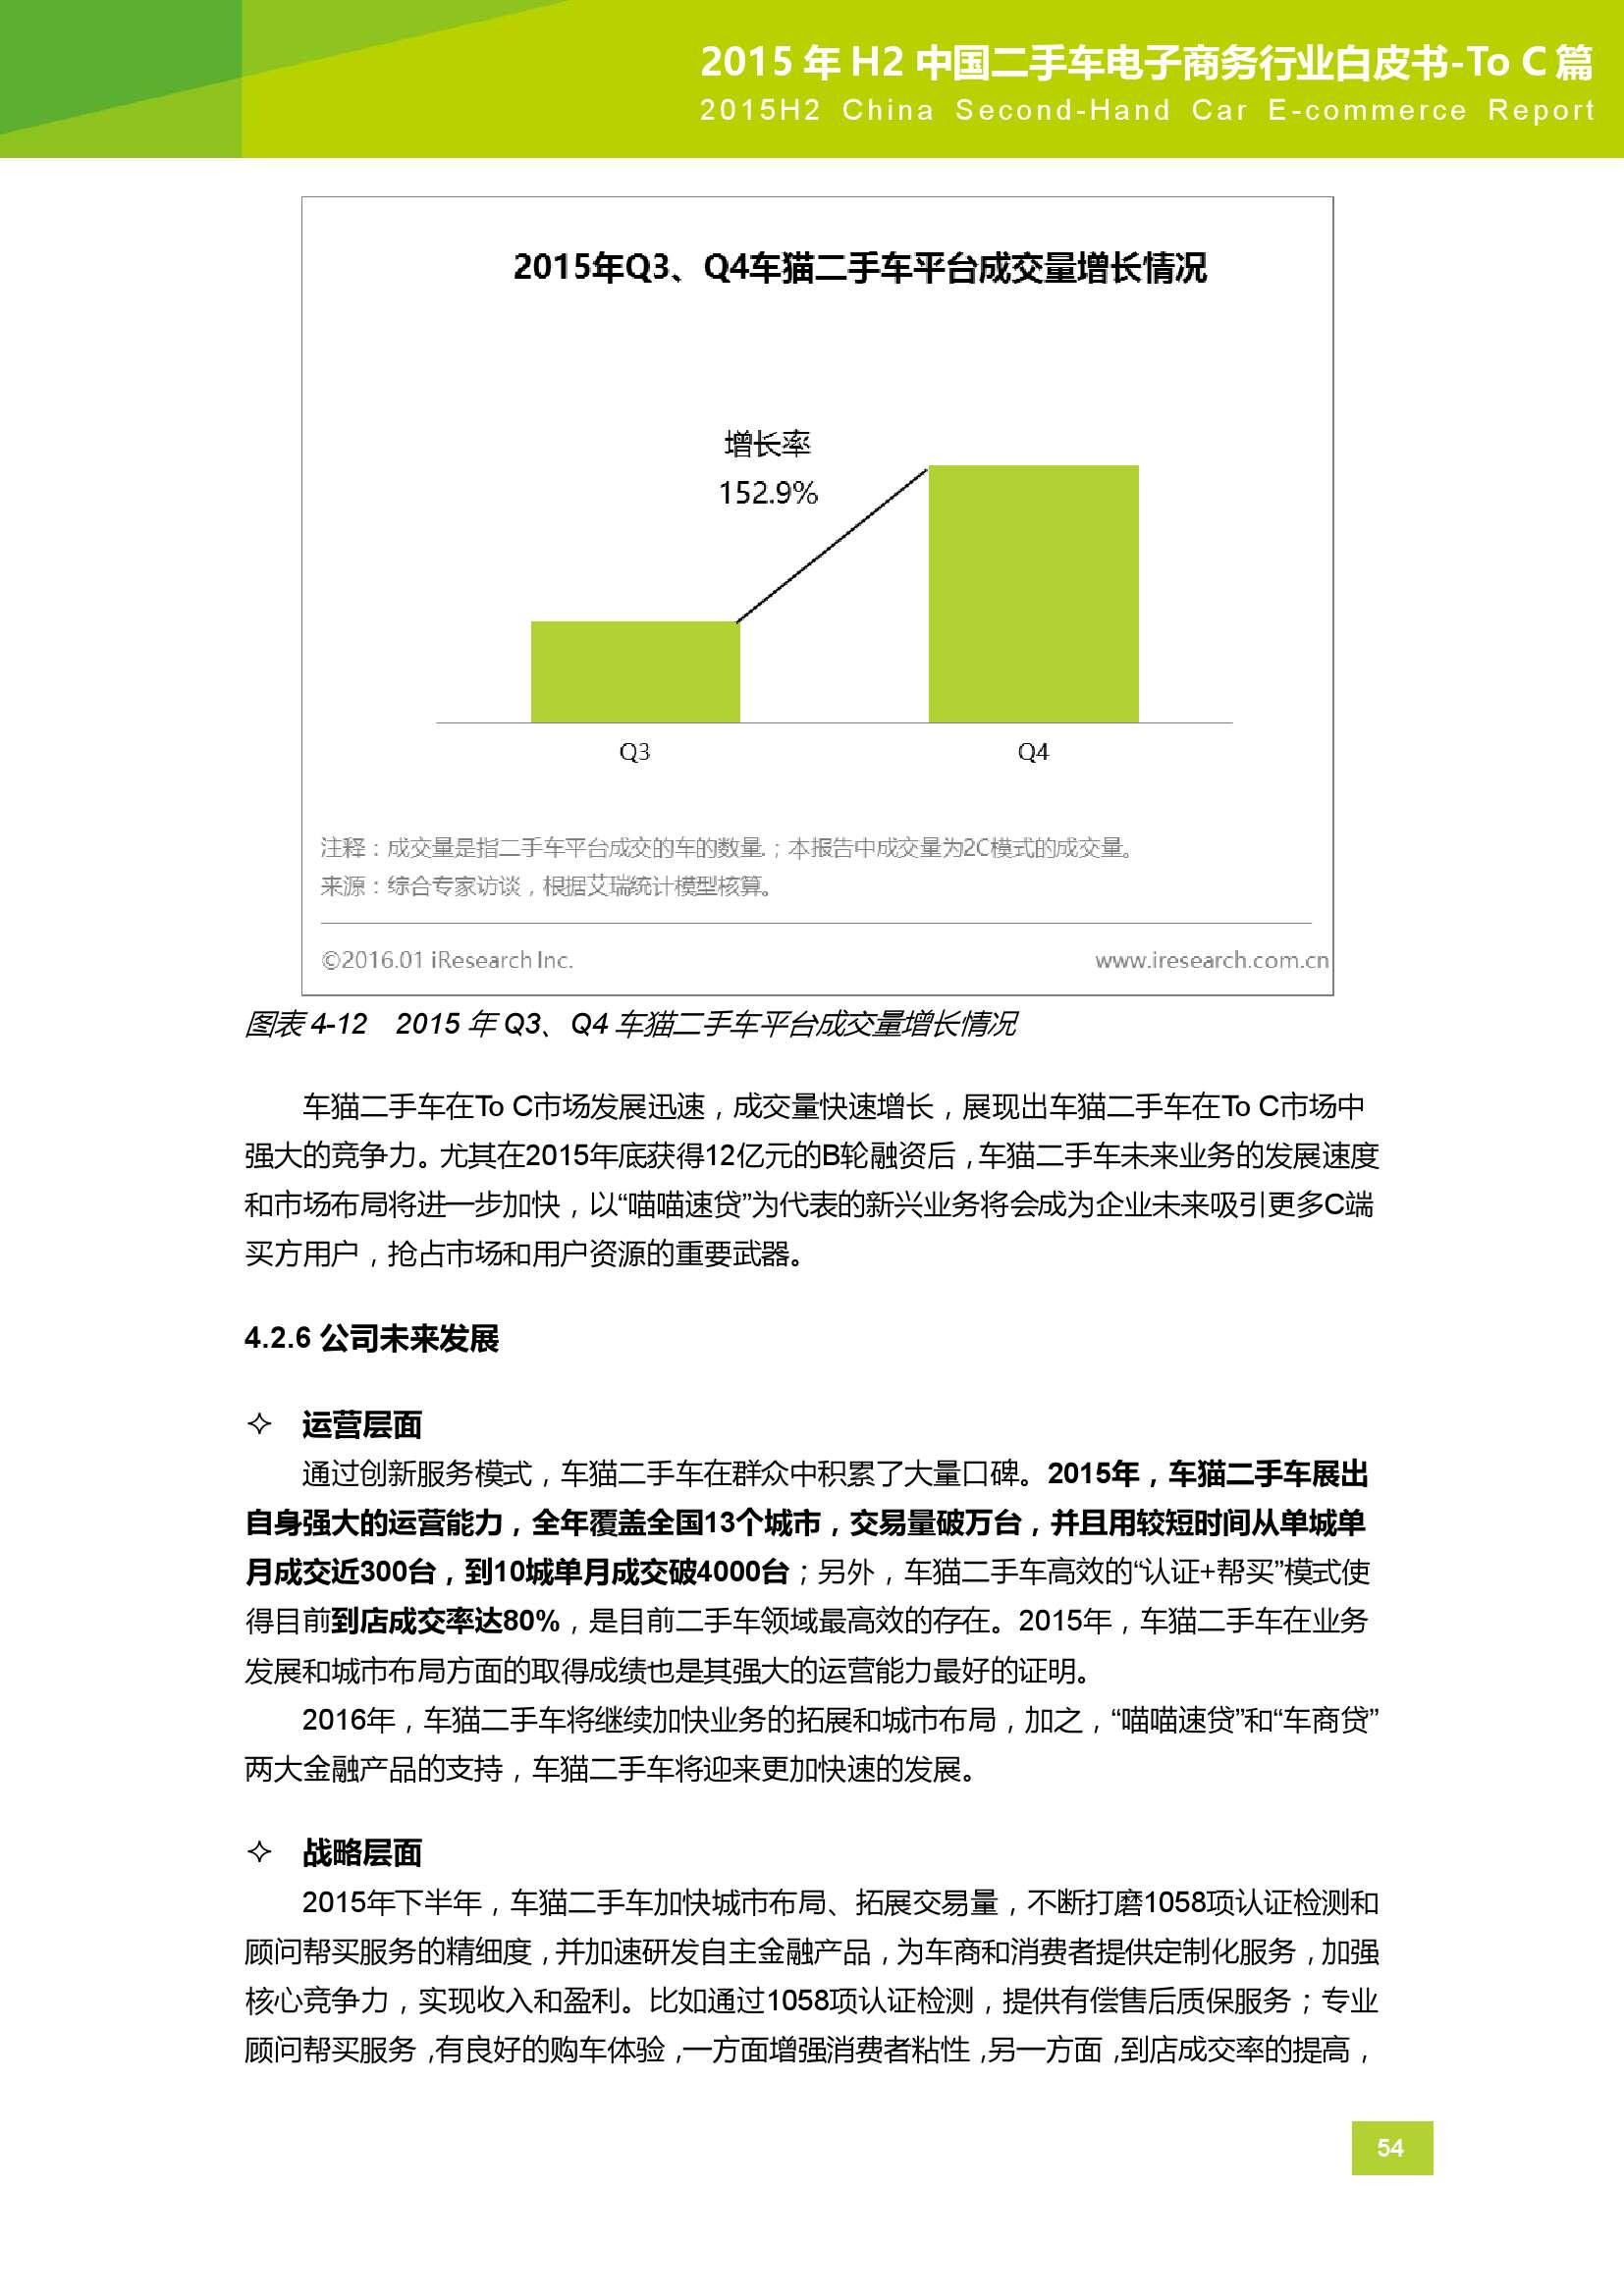 2015年H2中国二手车电子商务行业白皮书_000054